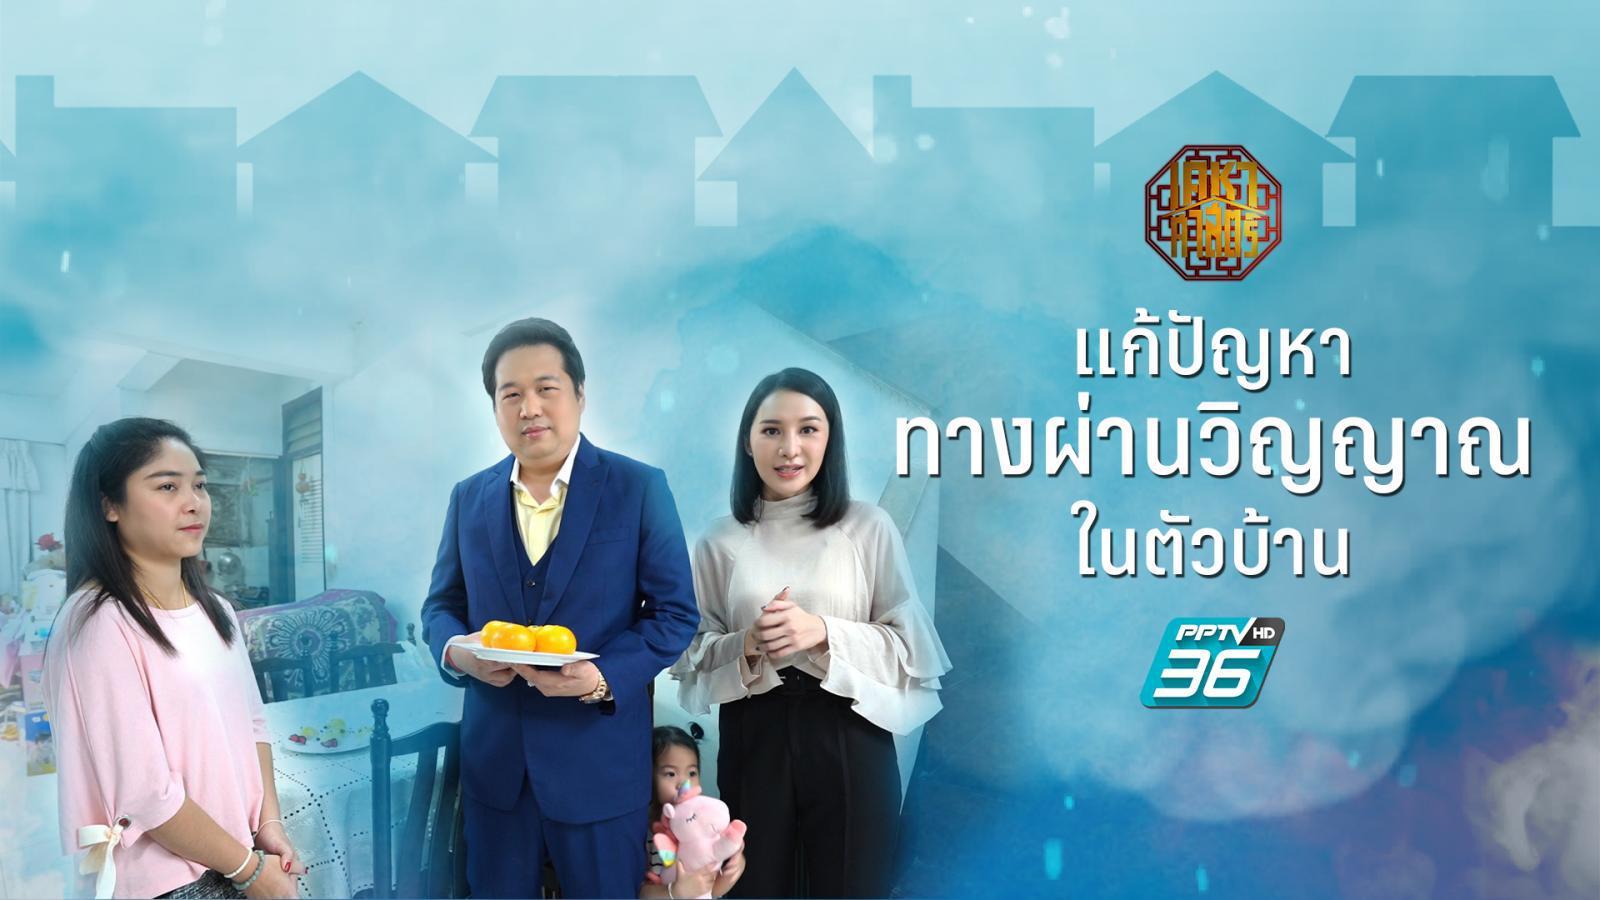 เคหาศาสตร์ | ตี่ลี่ ฮวงจุ้ย | บ้านนี้อยู่ร่วมกับวิญญาณ | PPTV HD 36